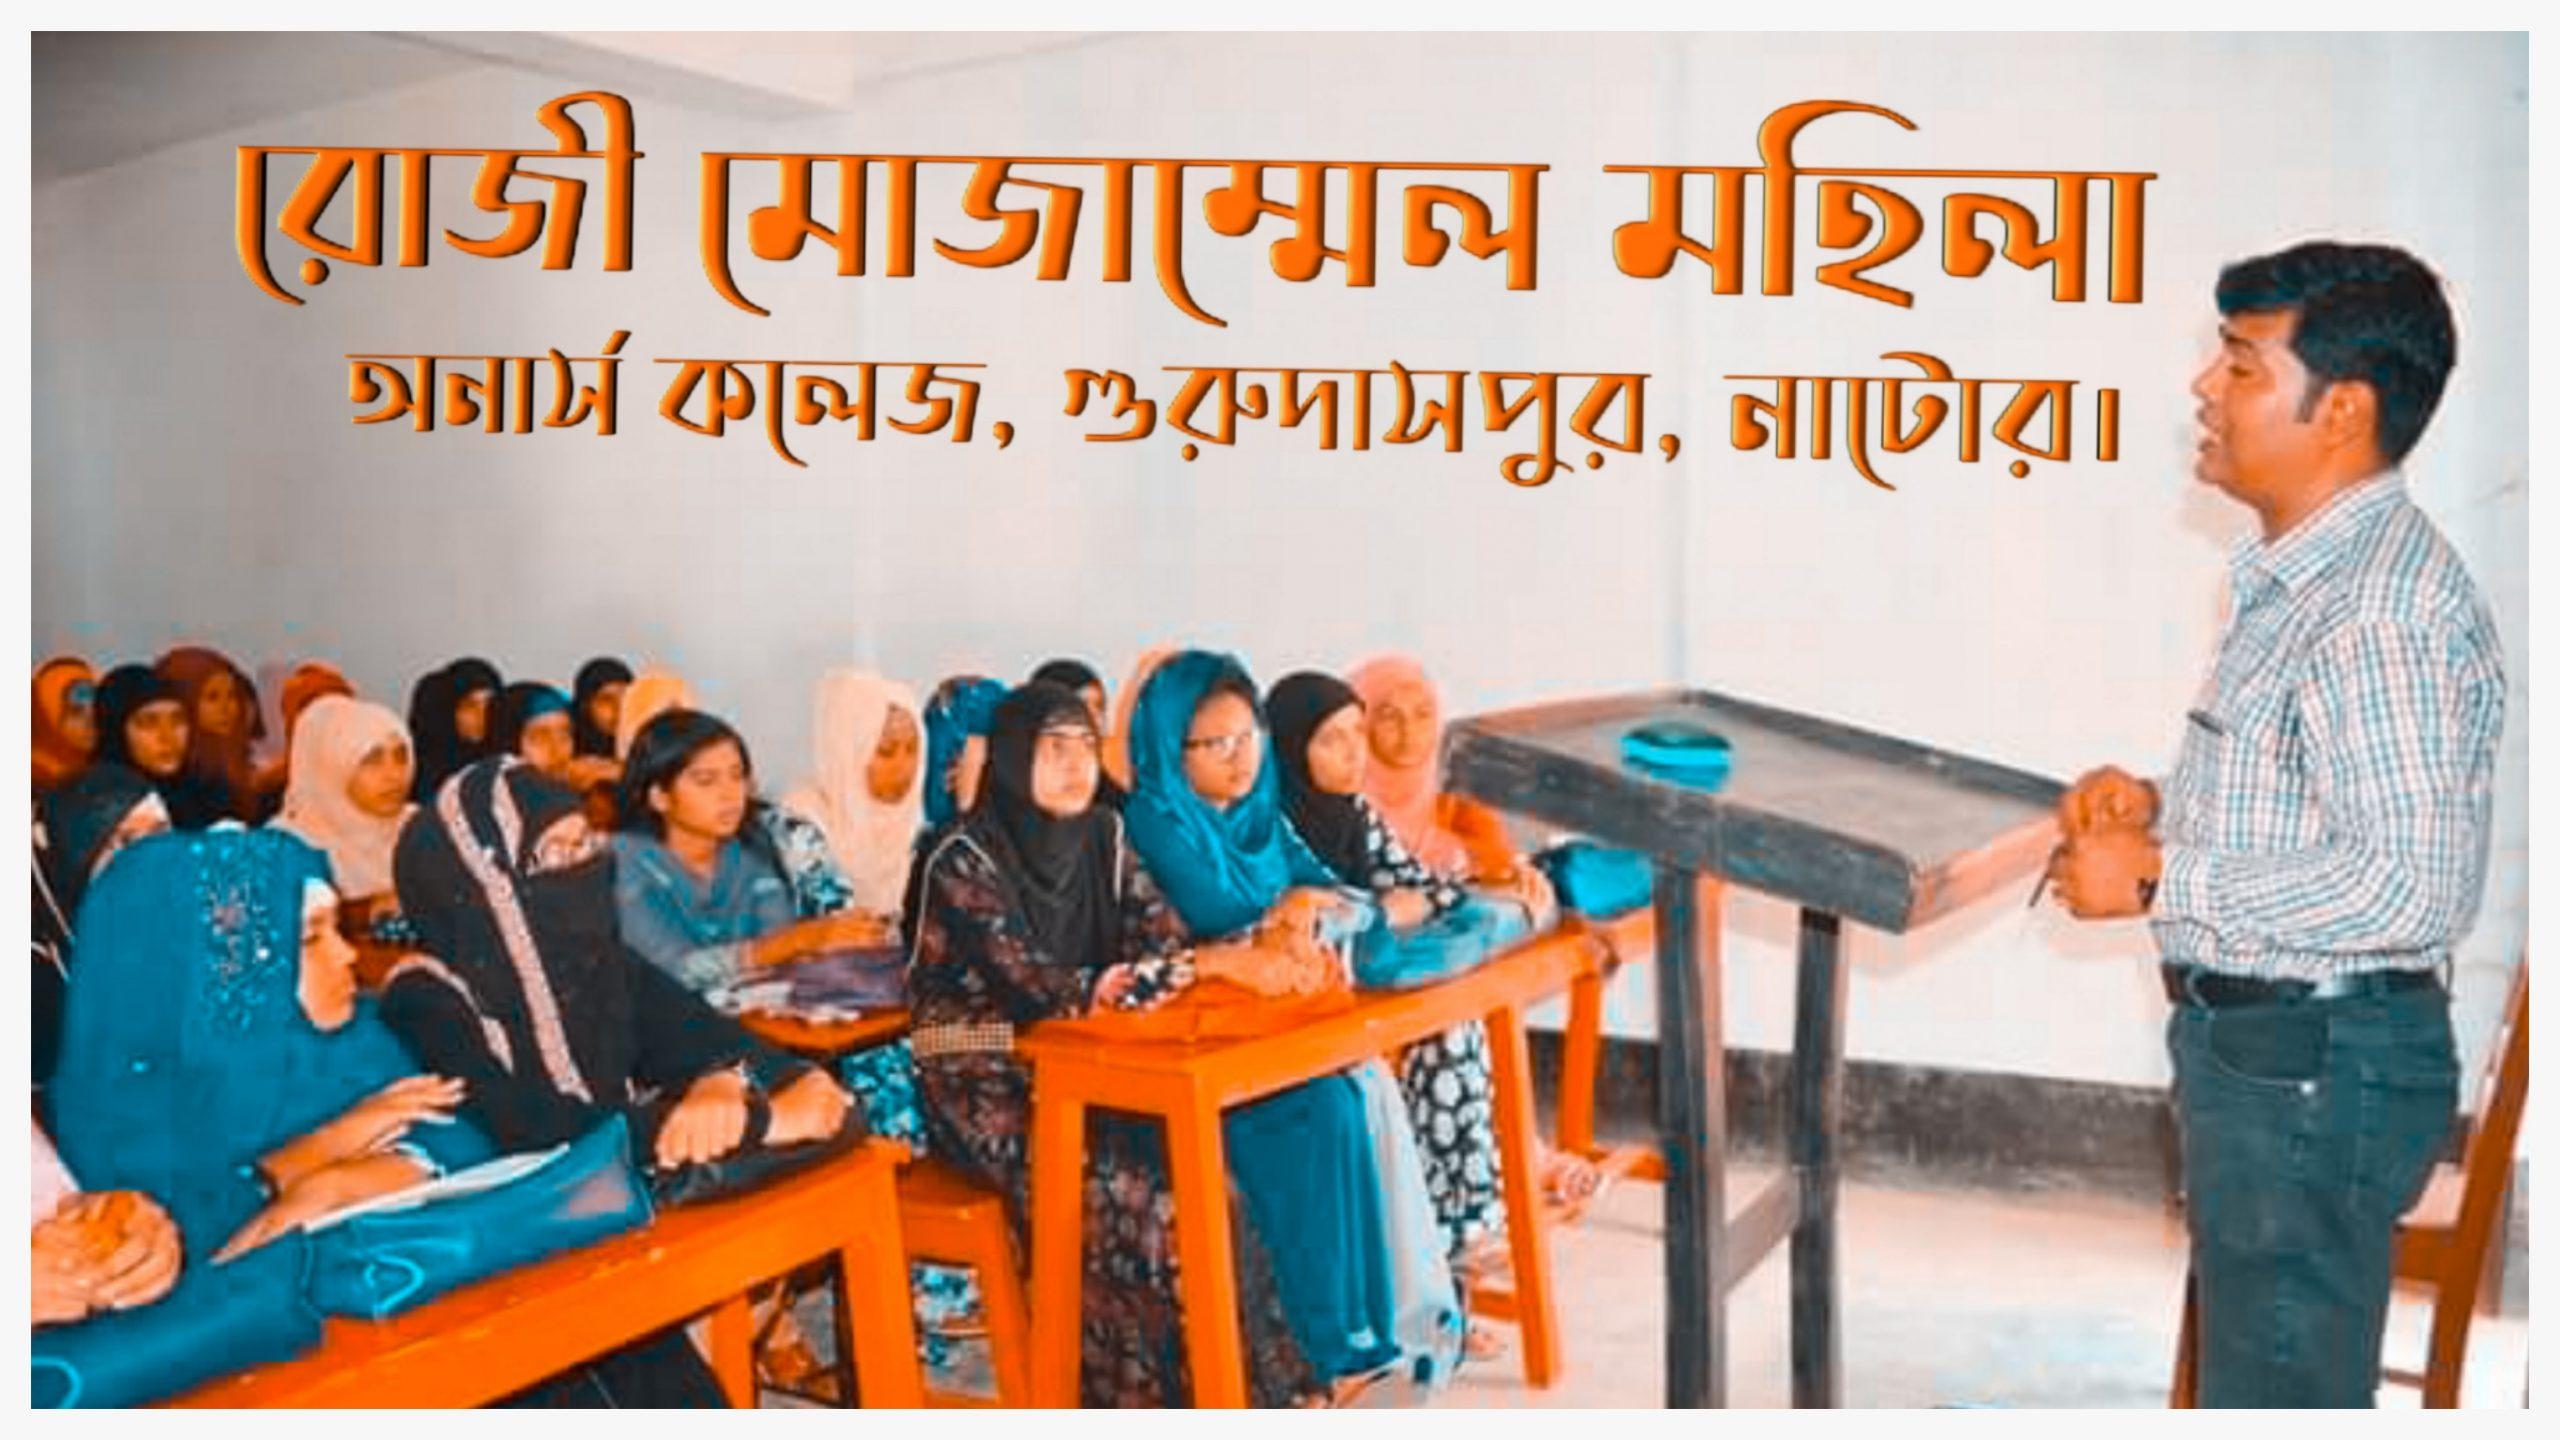 উচ্চ শিক্ষার সুযোগ পাচ্ছে চলনবিলের পিছিয়ে পড়া-অবহেলিত নারীরা